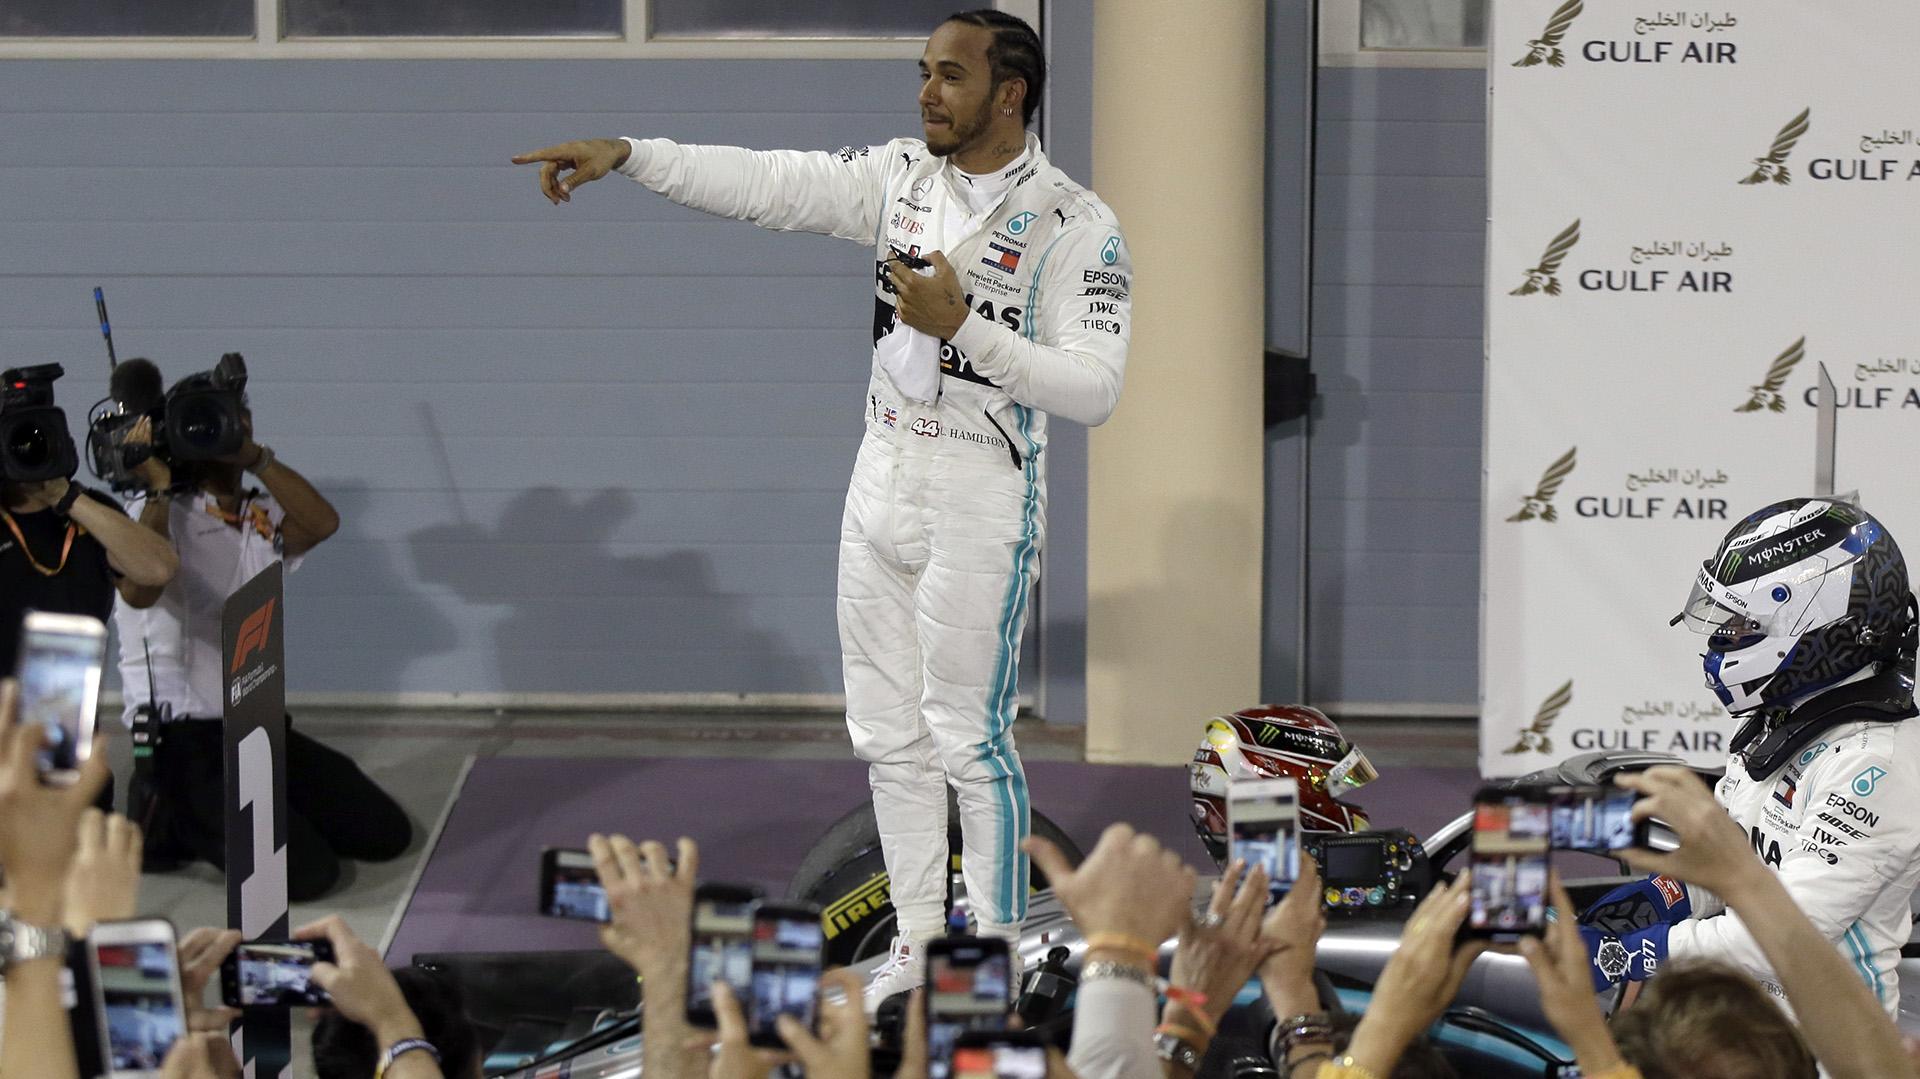 Hamilton ganó el GP de Bahréin y apunta a un nuevo título en la F1 (AP)